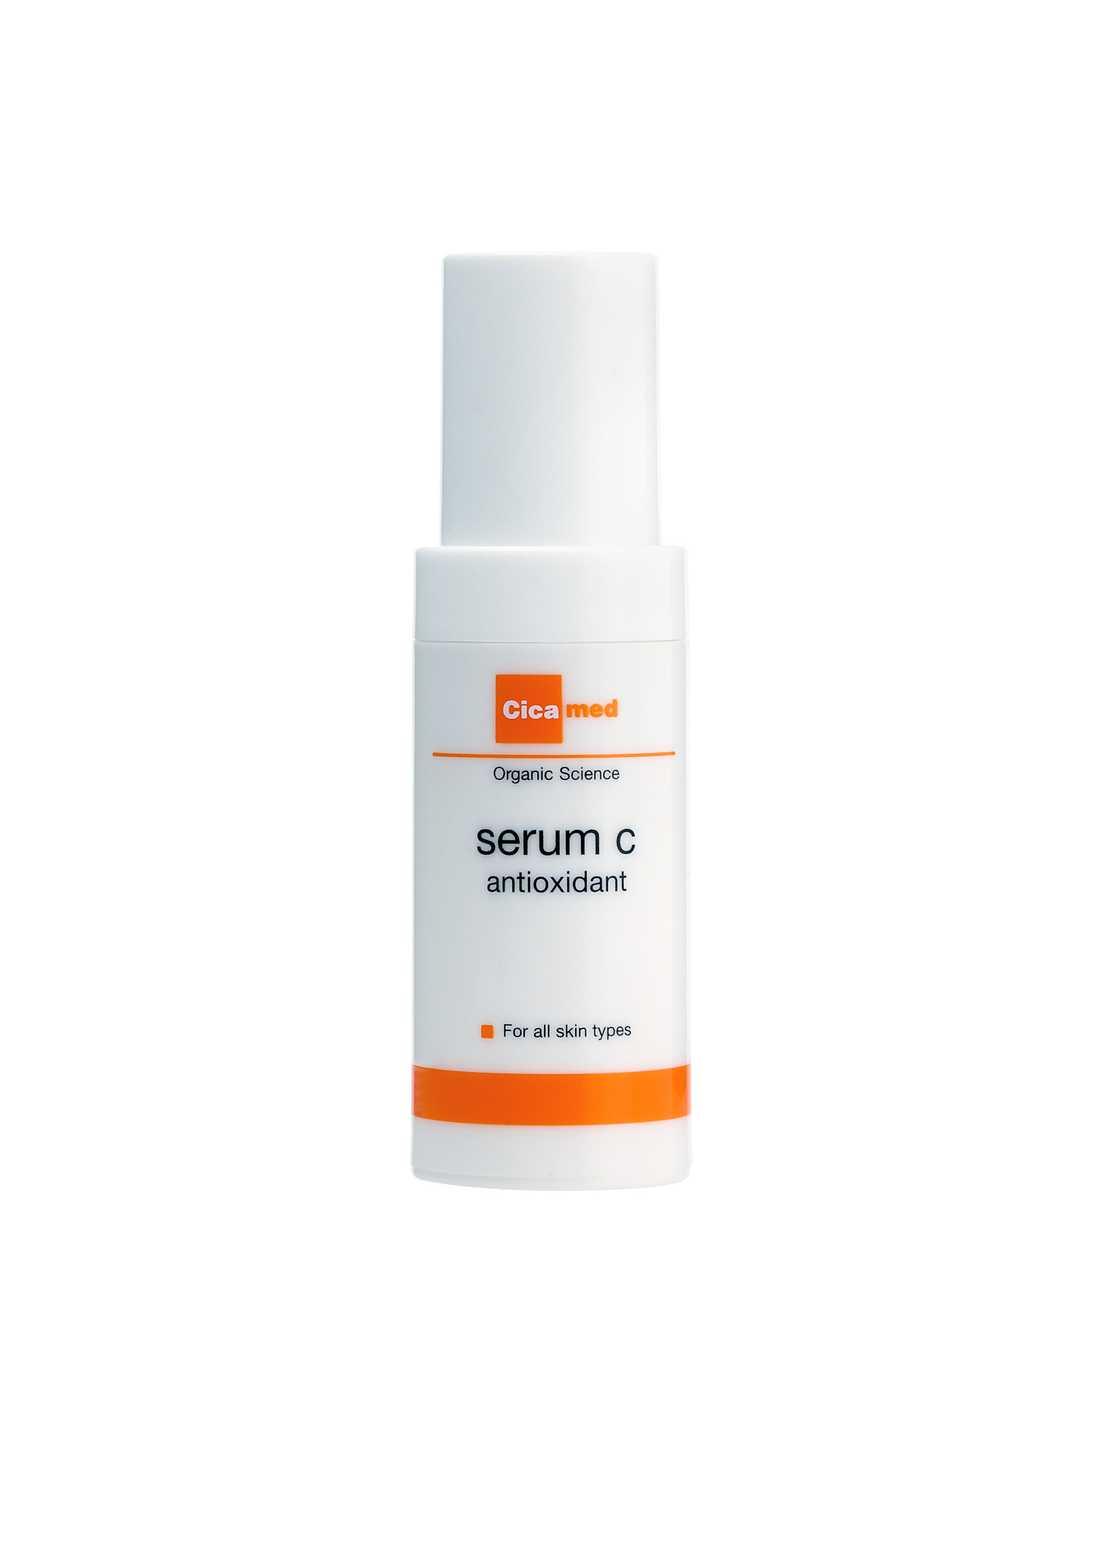 """""""Serum C"""", Cicamed Behöver din hy en boost? Spana då in detta serum! Doftar gott av citrusfrukter samtidigt som det pirrar lite lätt i huden när den sjunker in. Med både hyaluron, C-vitamin och aloe vera bland ingredienserna så kan du vara säker på att du får fukt och Prisvärd då ett pumptryck räcker för hela ansiktet och halsen!"""